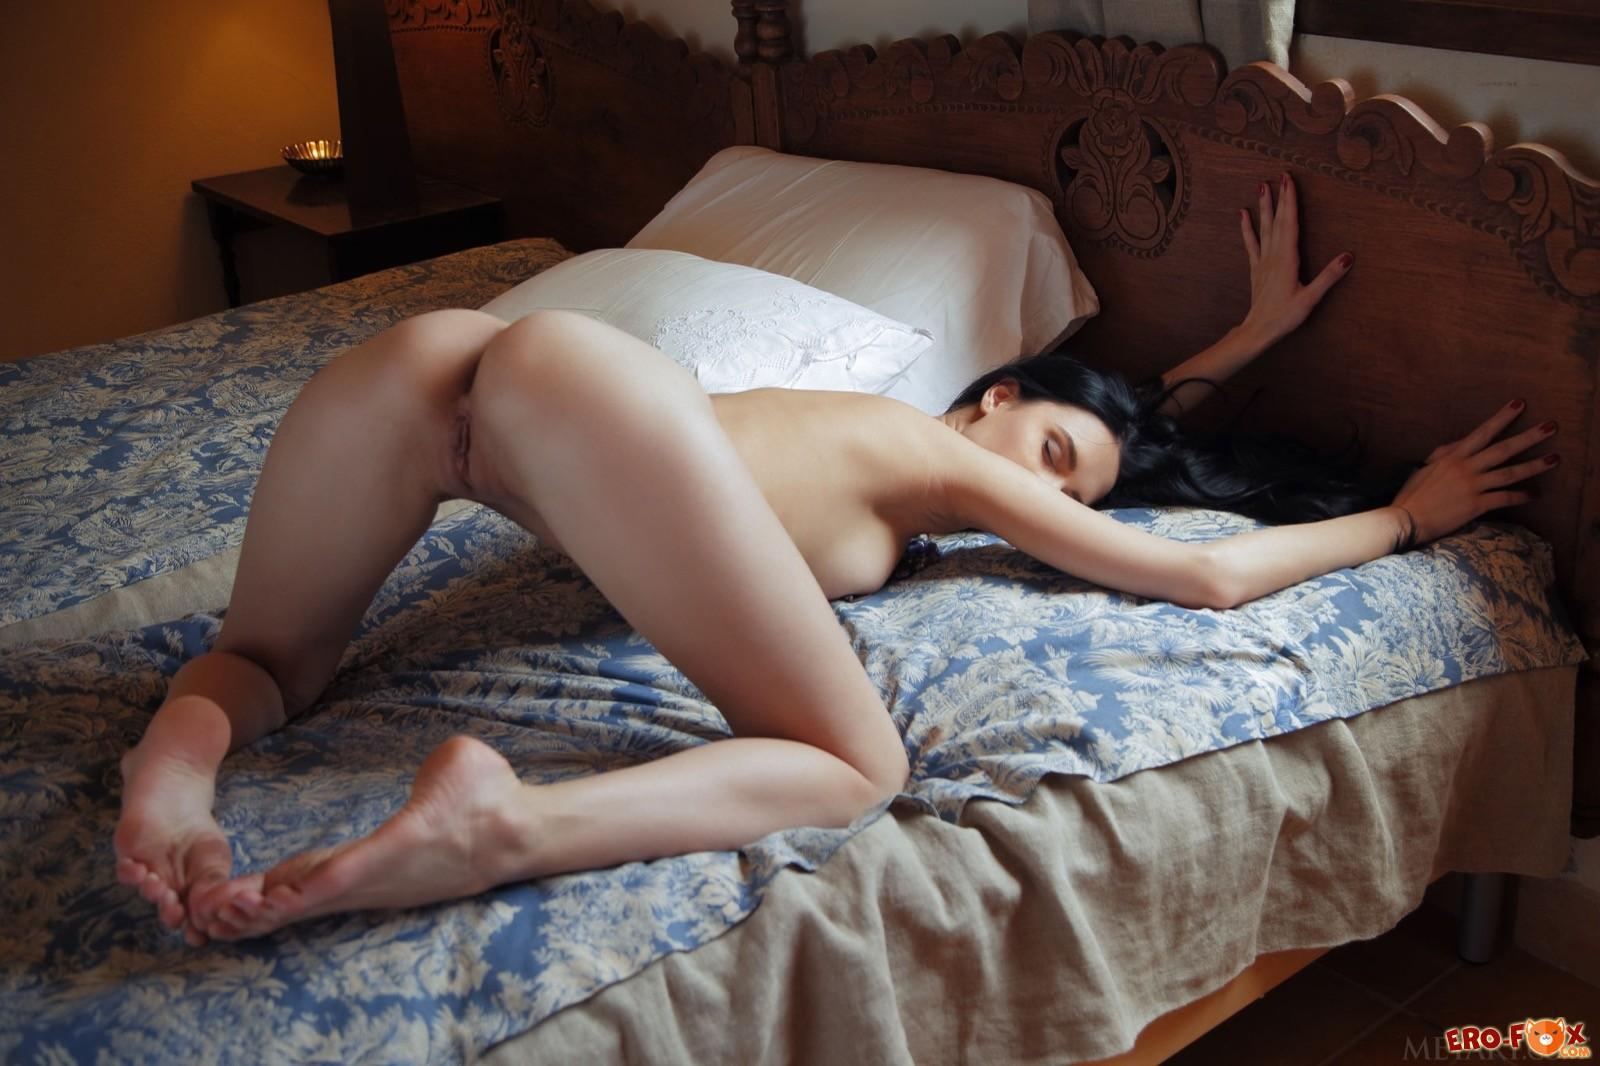 Брюнетка с упругими сиськами встала раком в постели